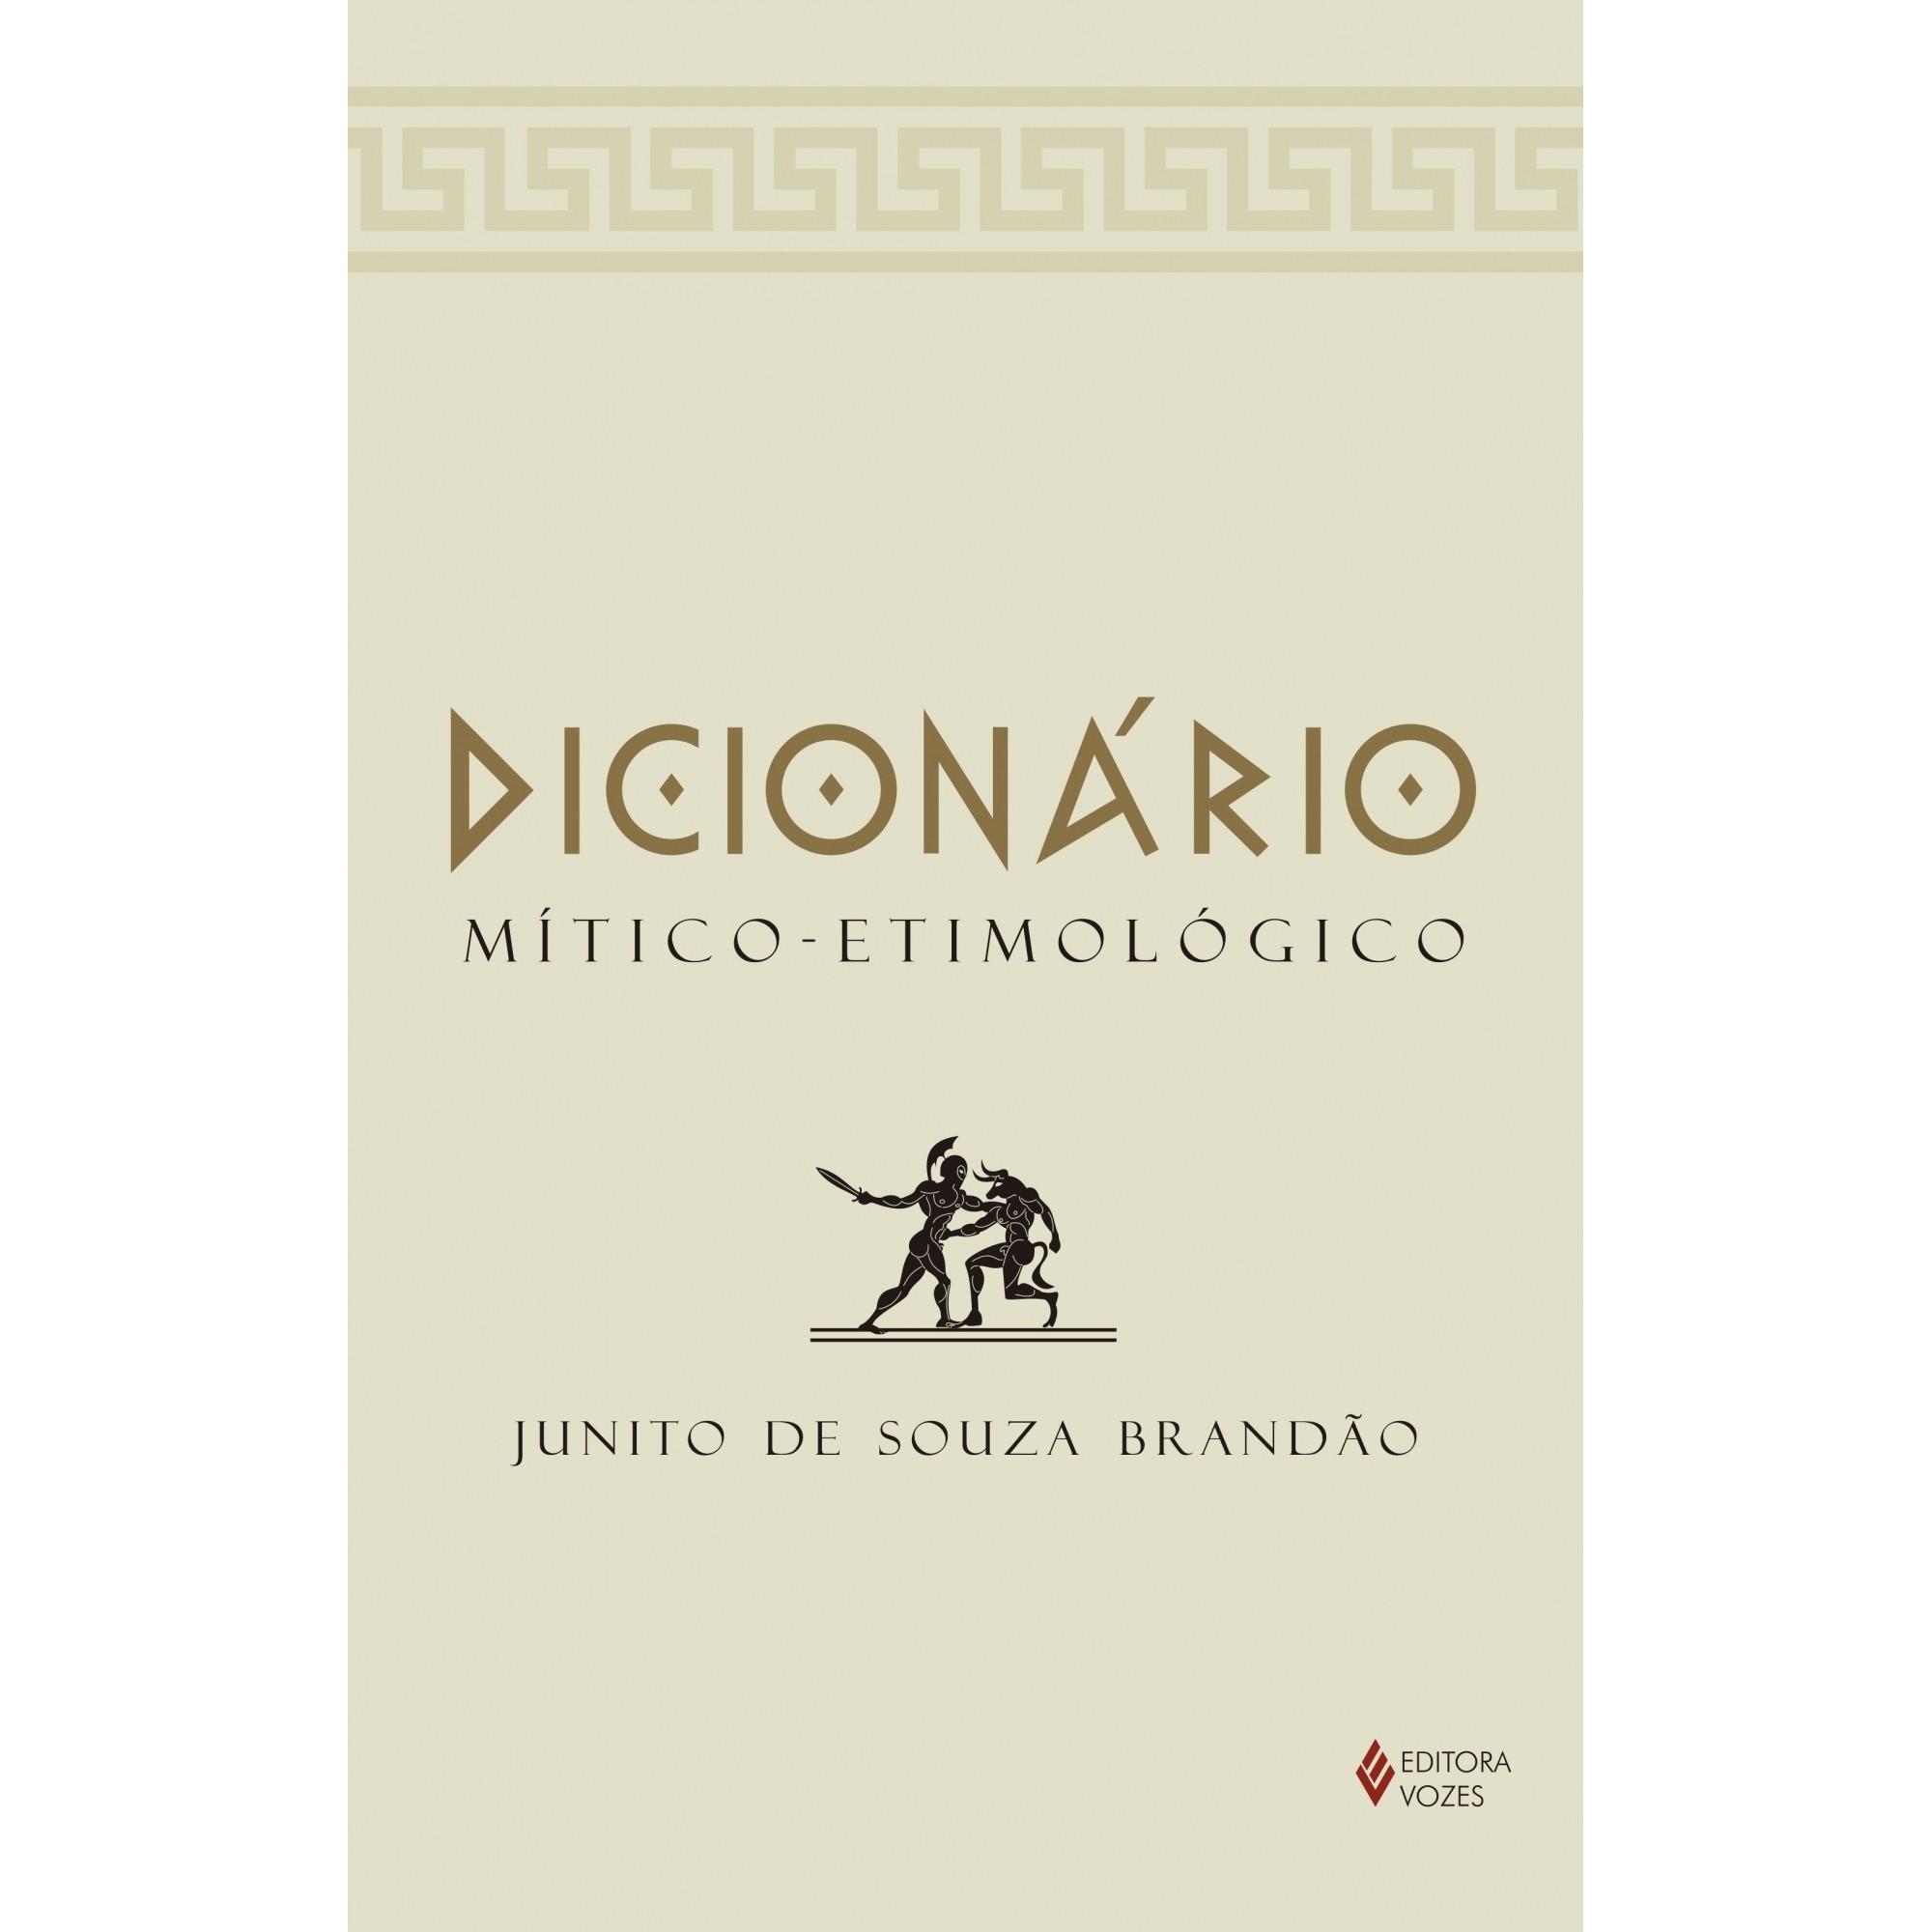 DICIONÁRIO MÍTICO-ETIMOLÓGICO